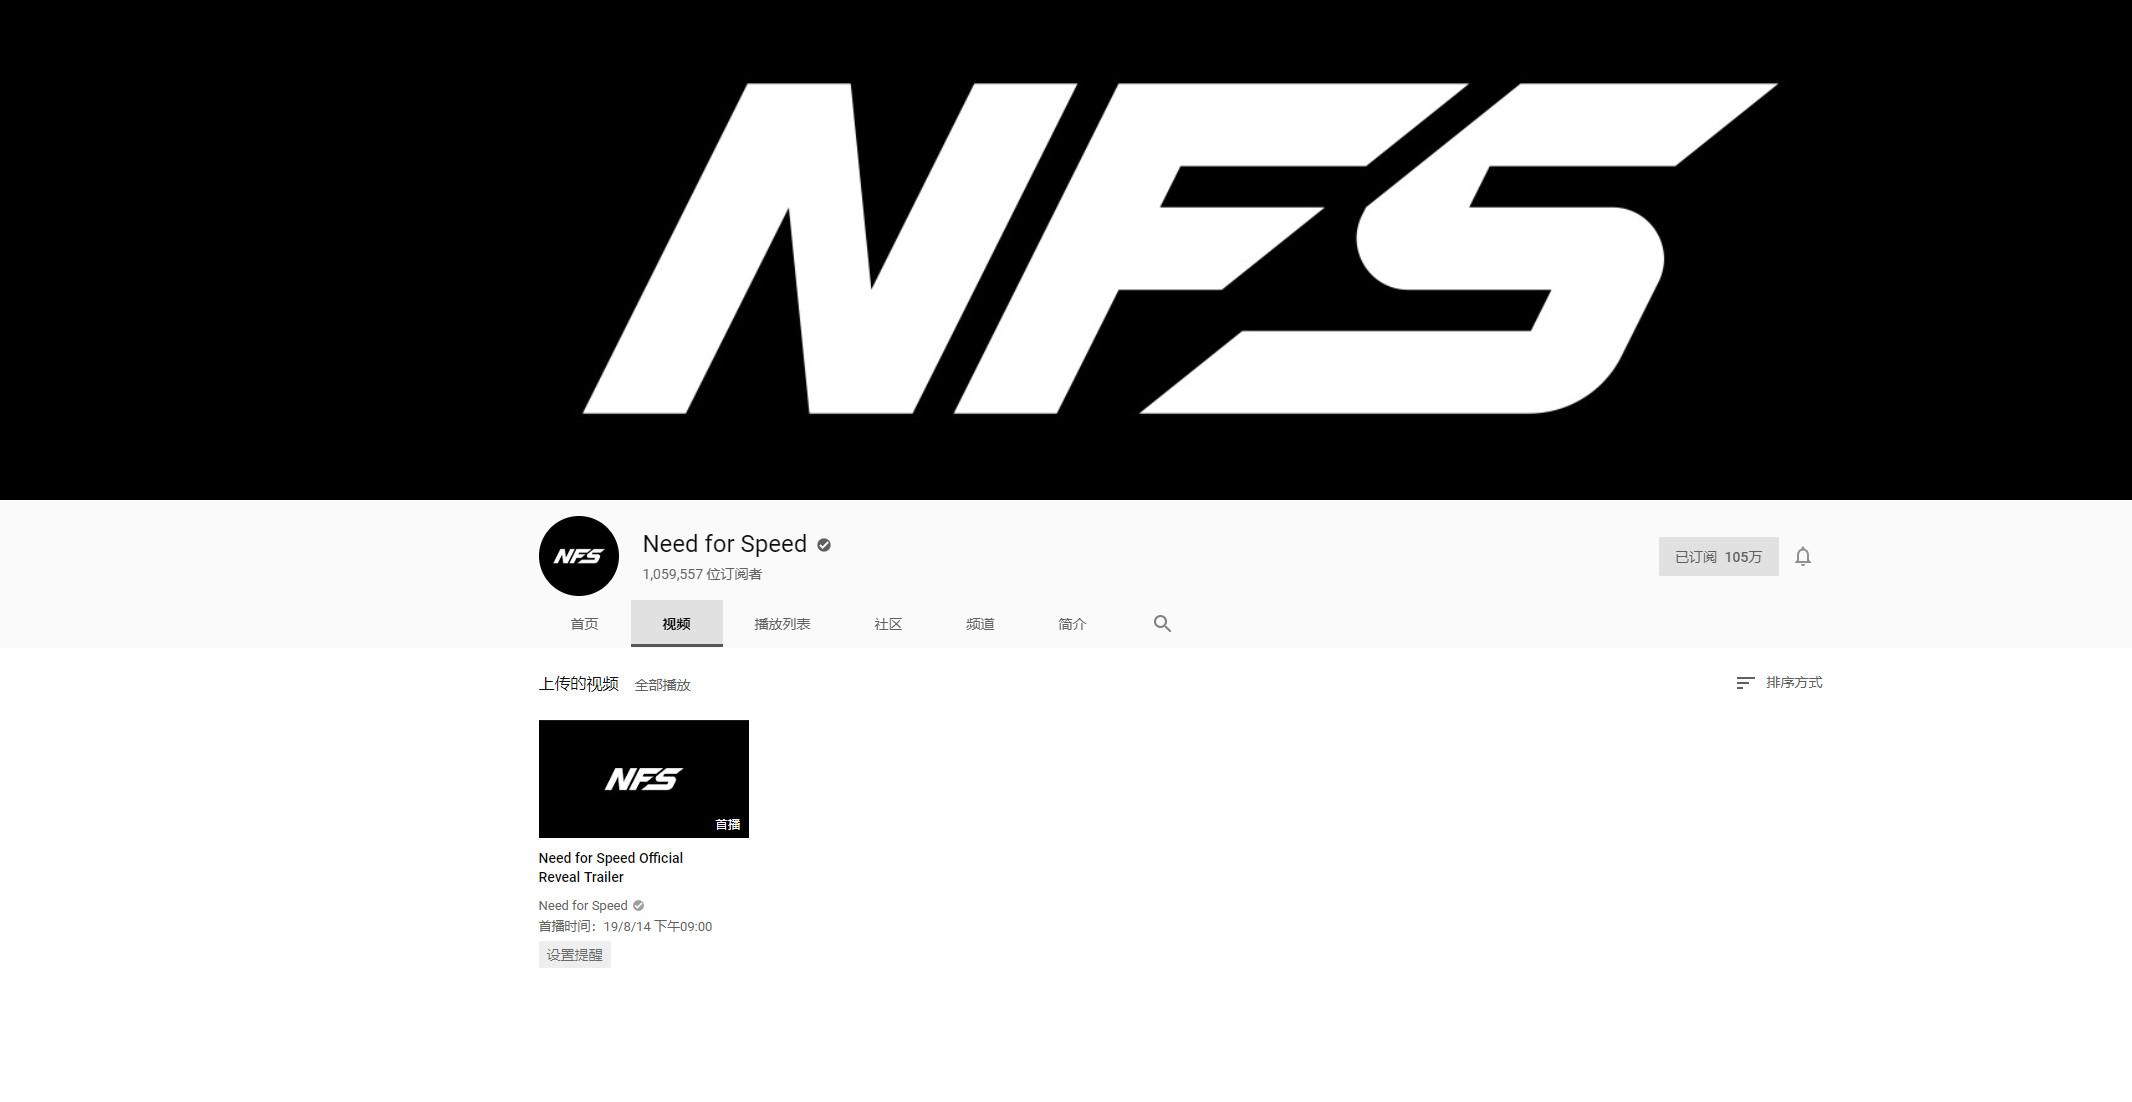 《极品飞车21》设定在迈阿密 游戏名和首个截图泄露